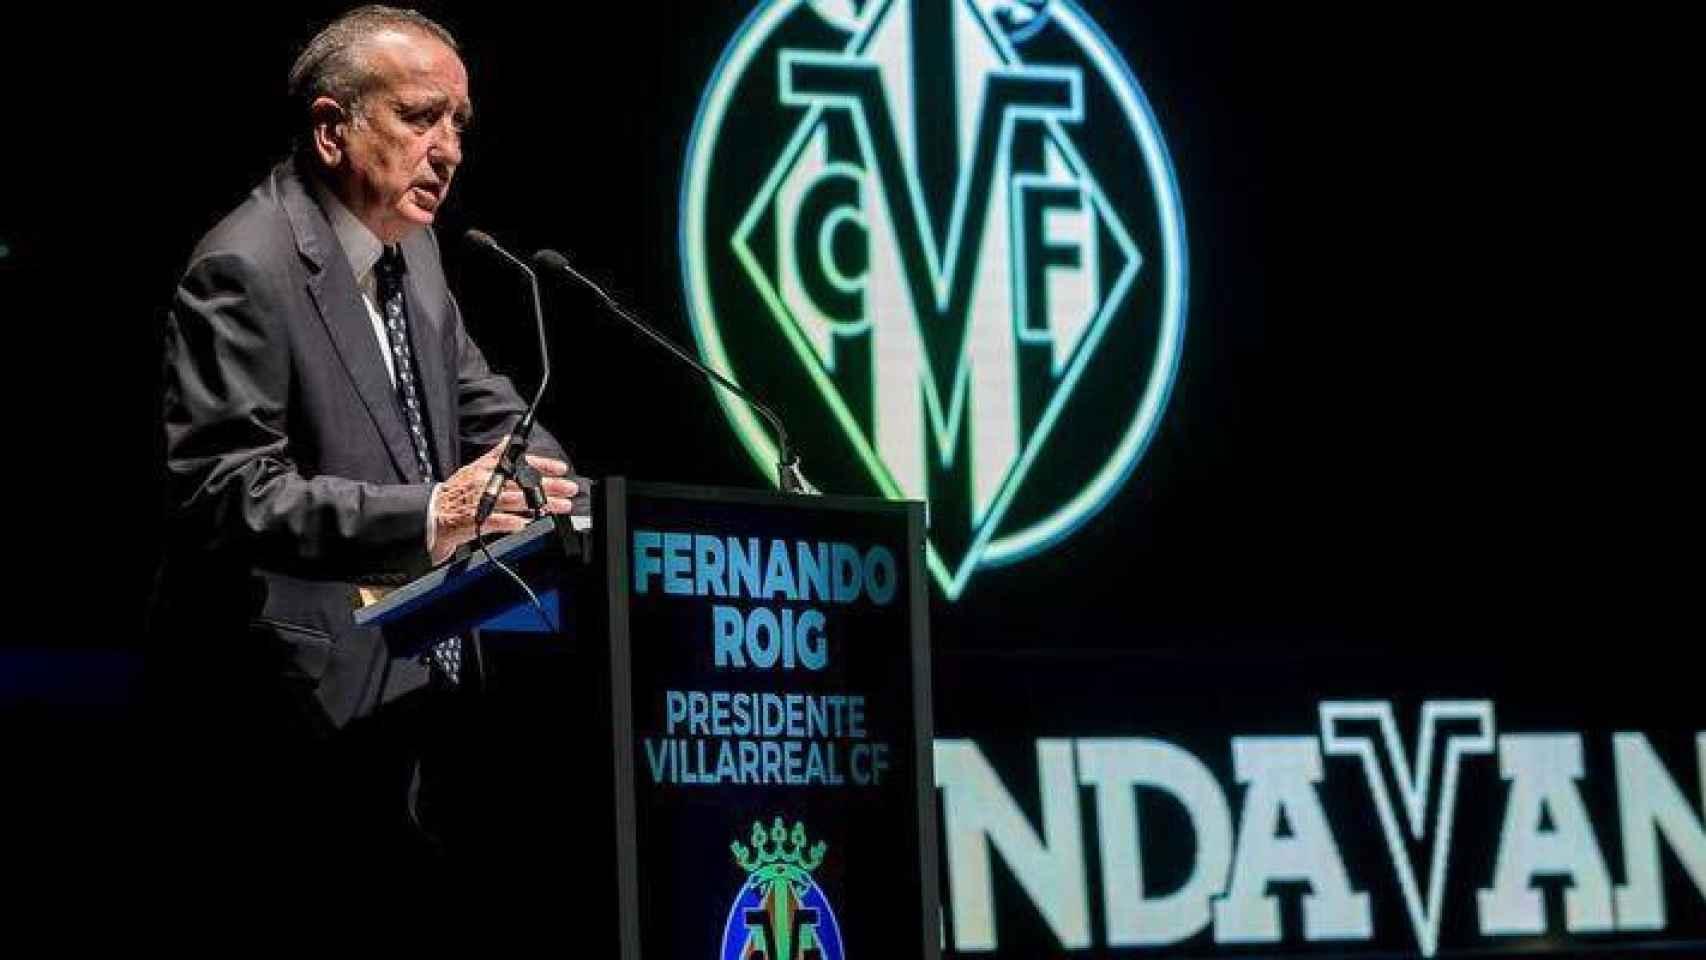 Fernando Roig, en un acto del Villarreal CF, club que preside. EE